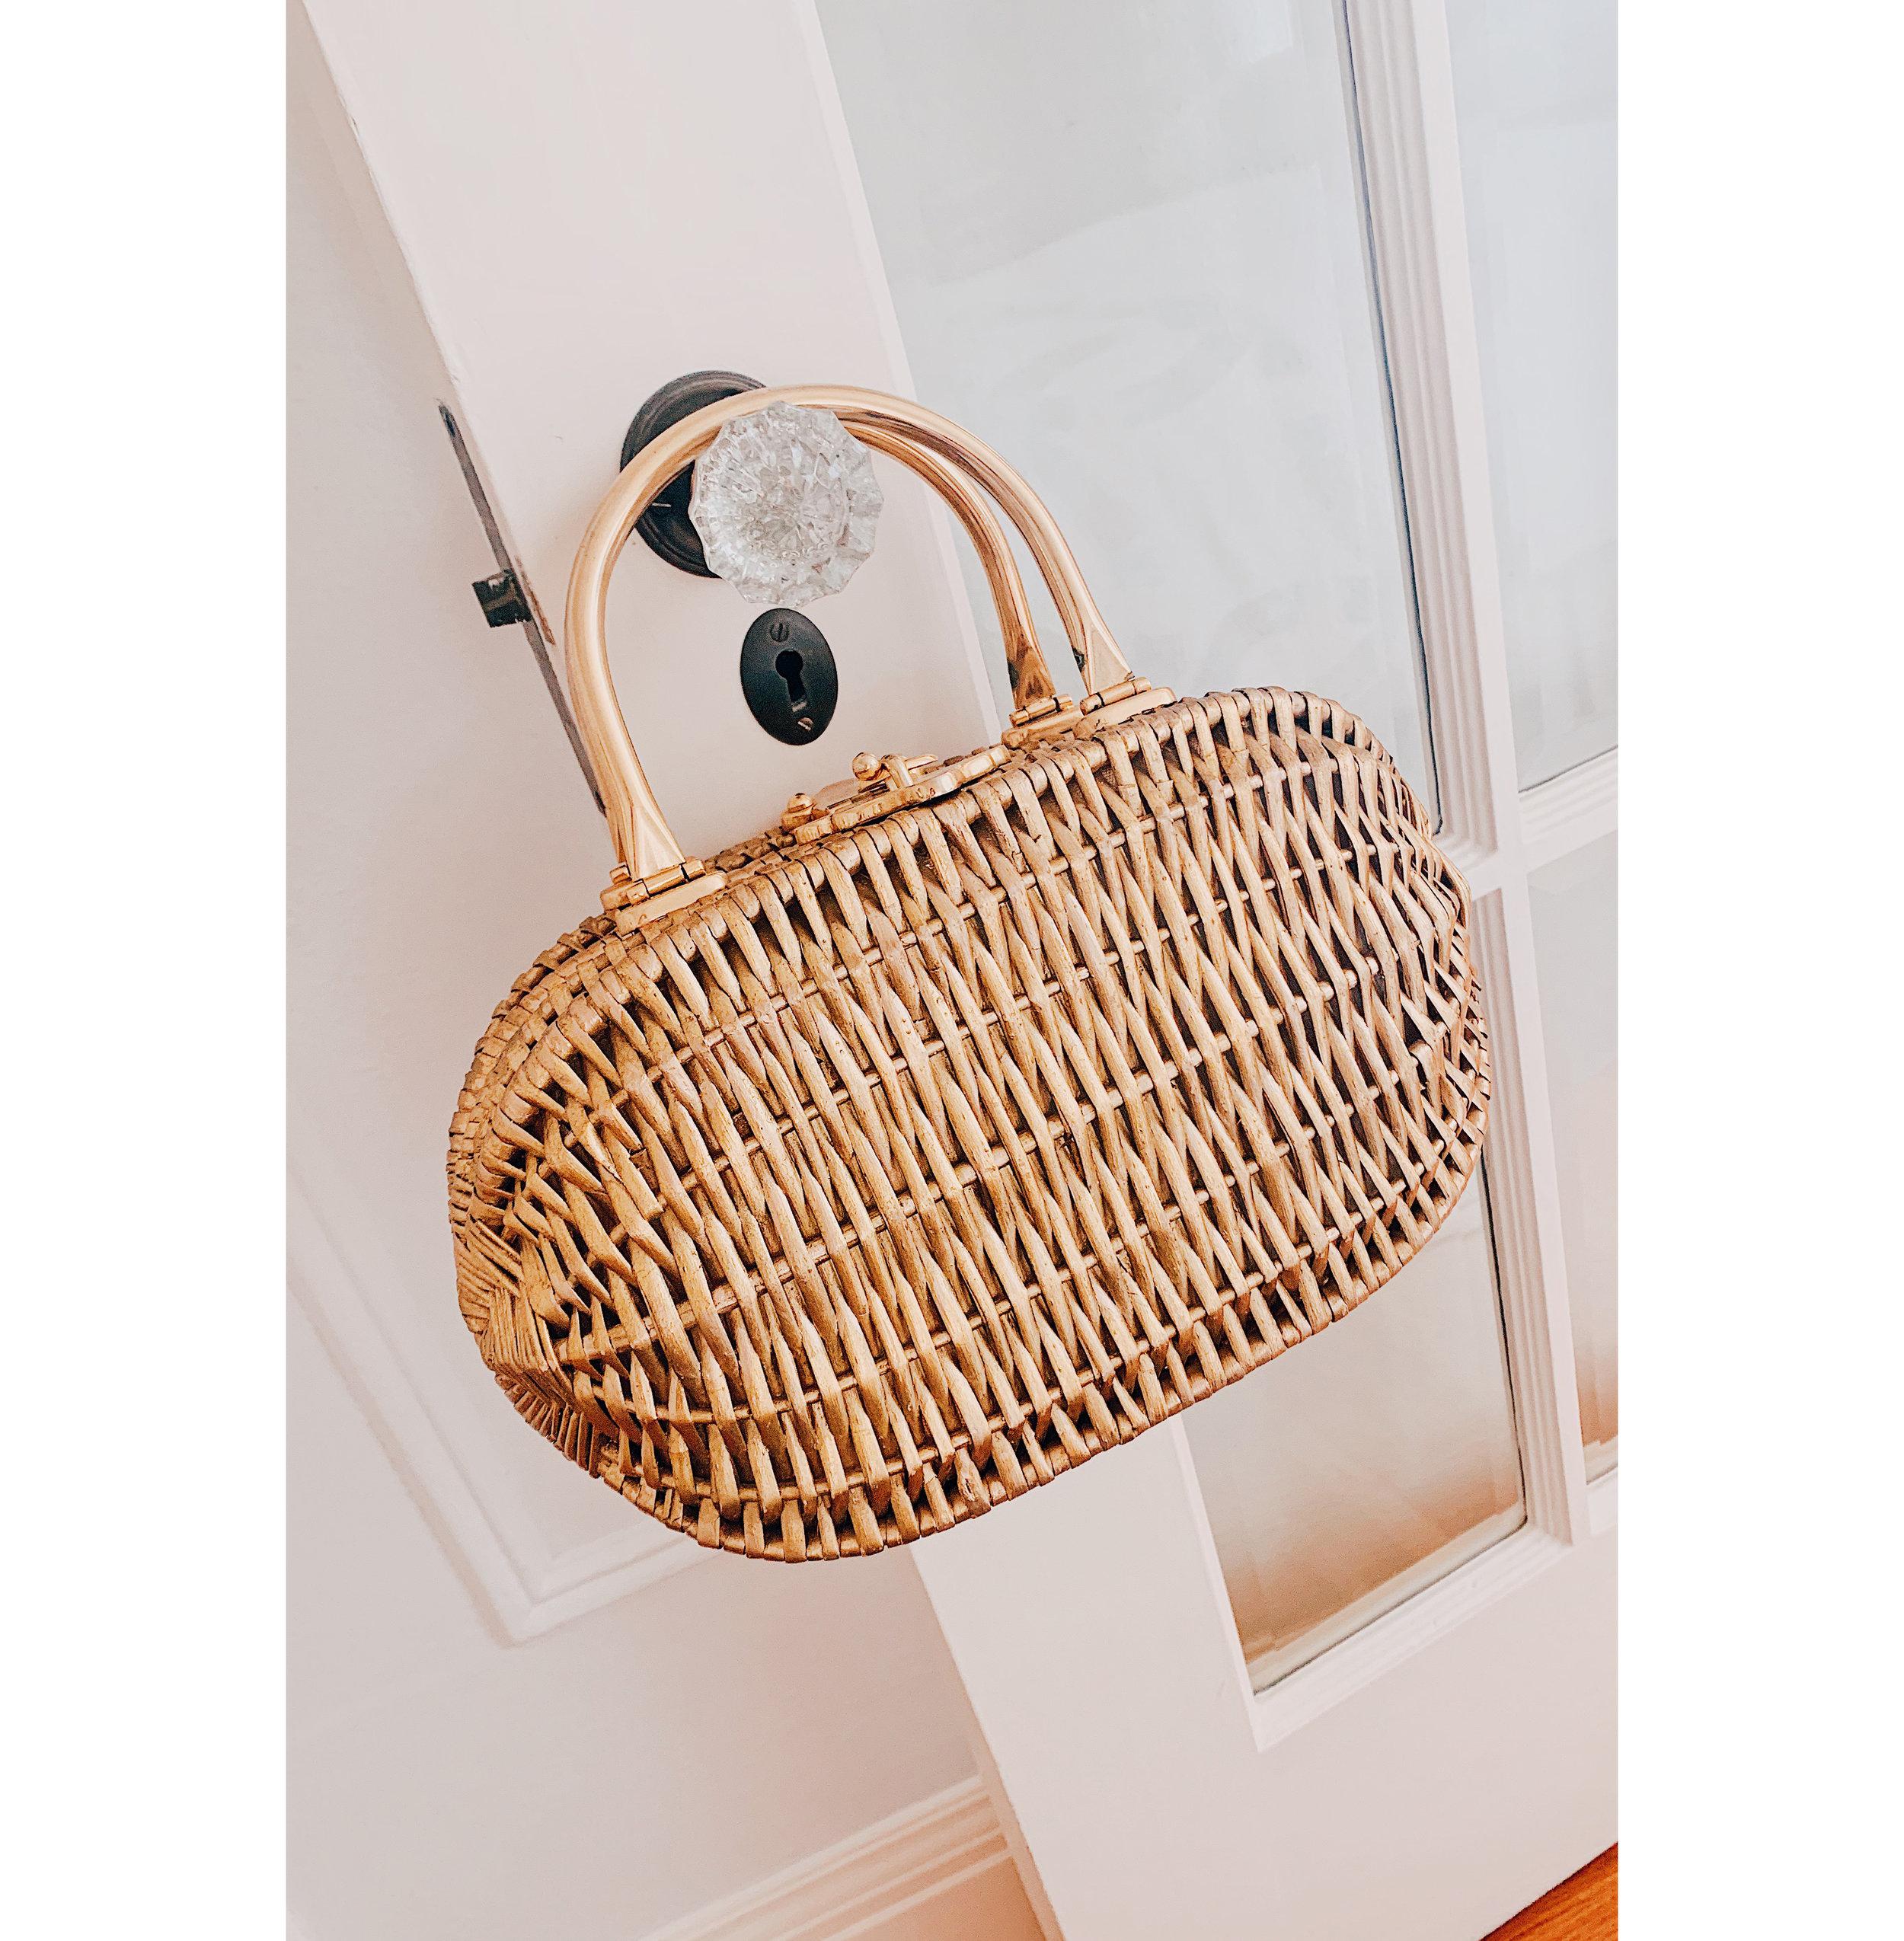 Gold Basket Bag.jpg